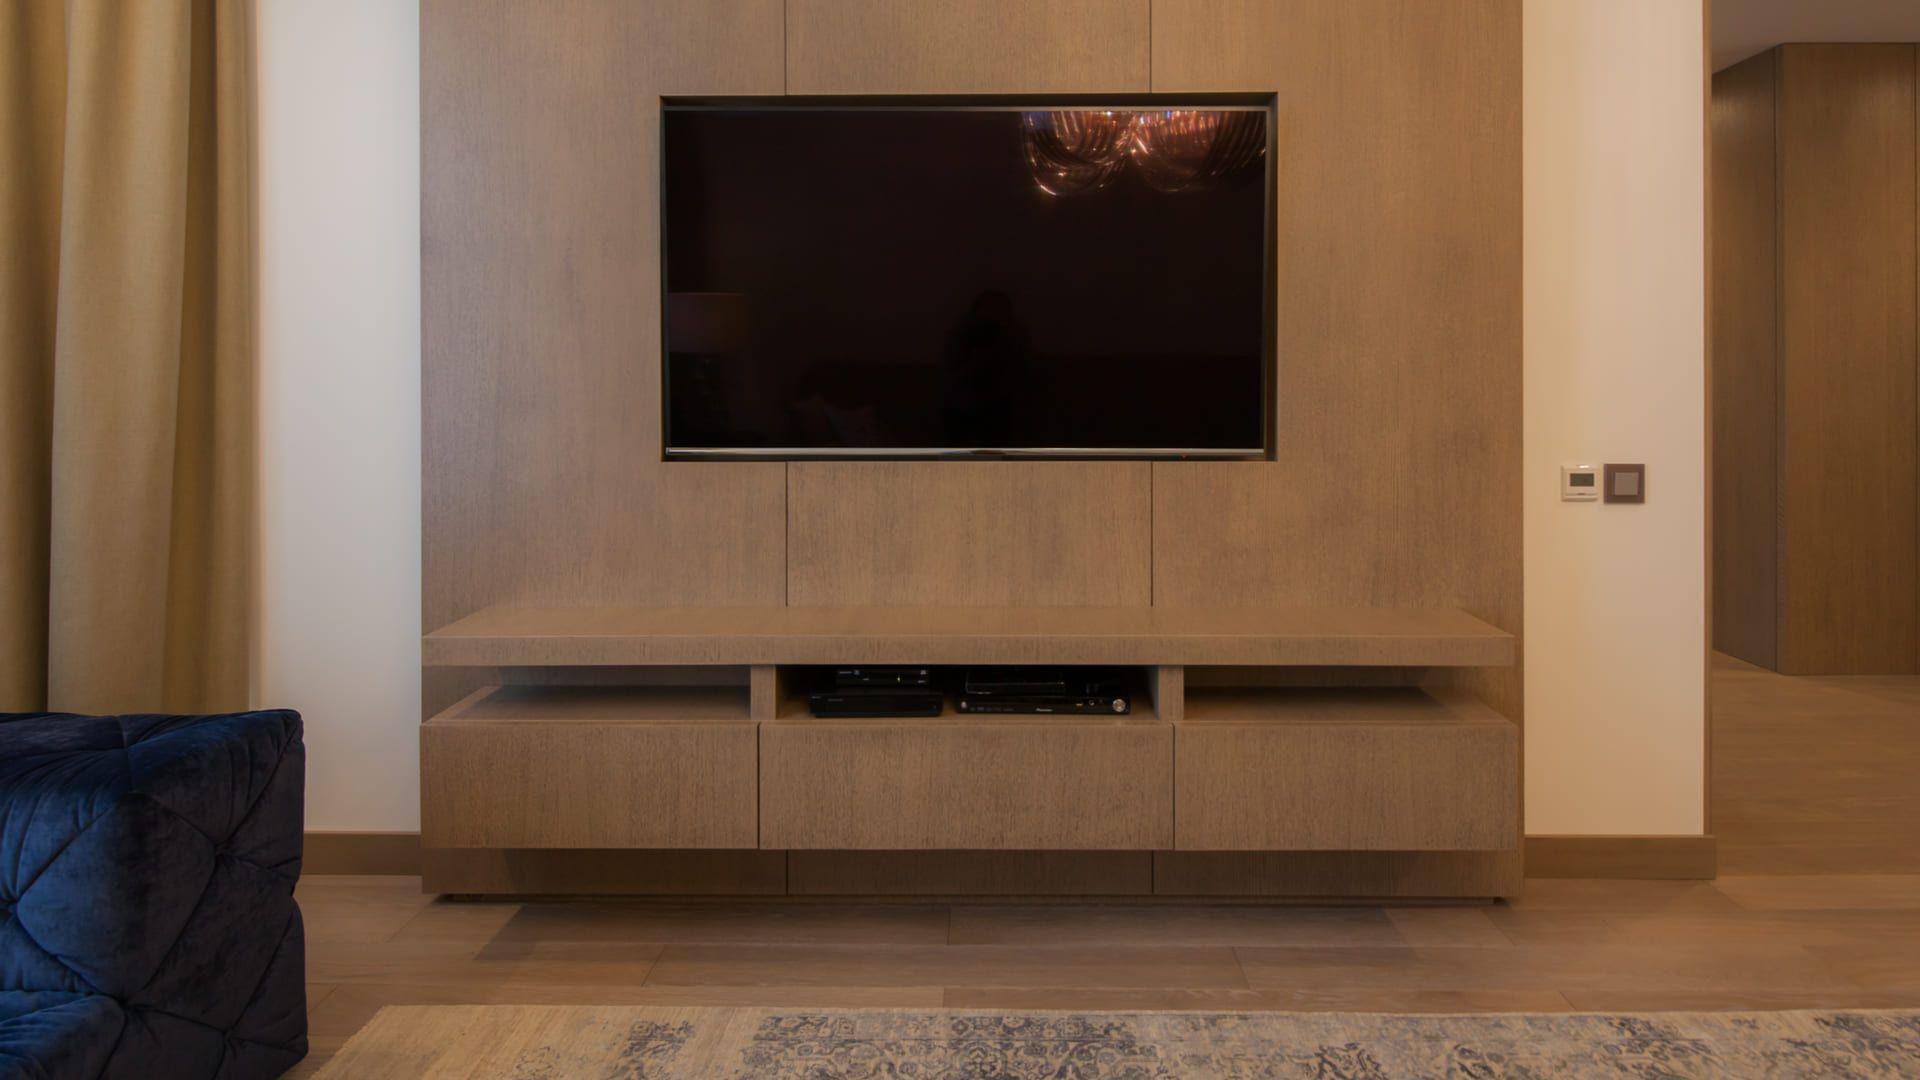 O tamanho do painel para TV deve ser escolhido de acordo com o tamanho da televisão! (Imagem: Reprodução/Shutterstock)